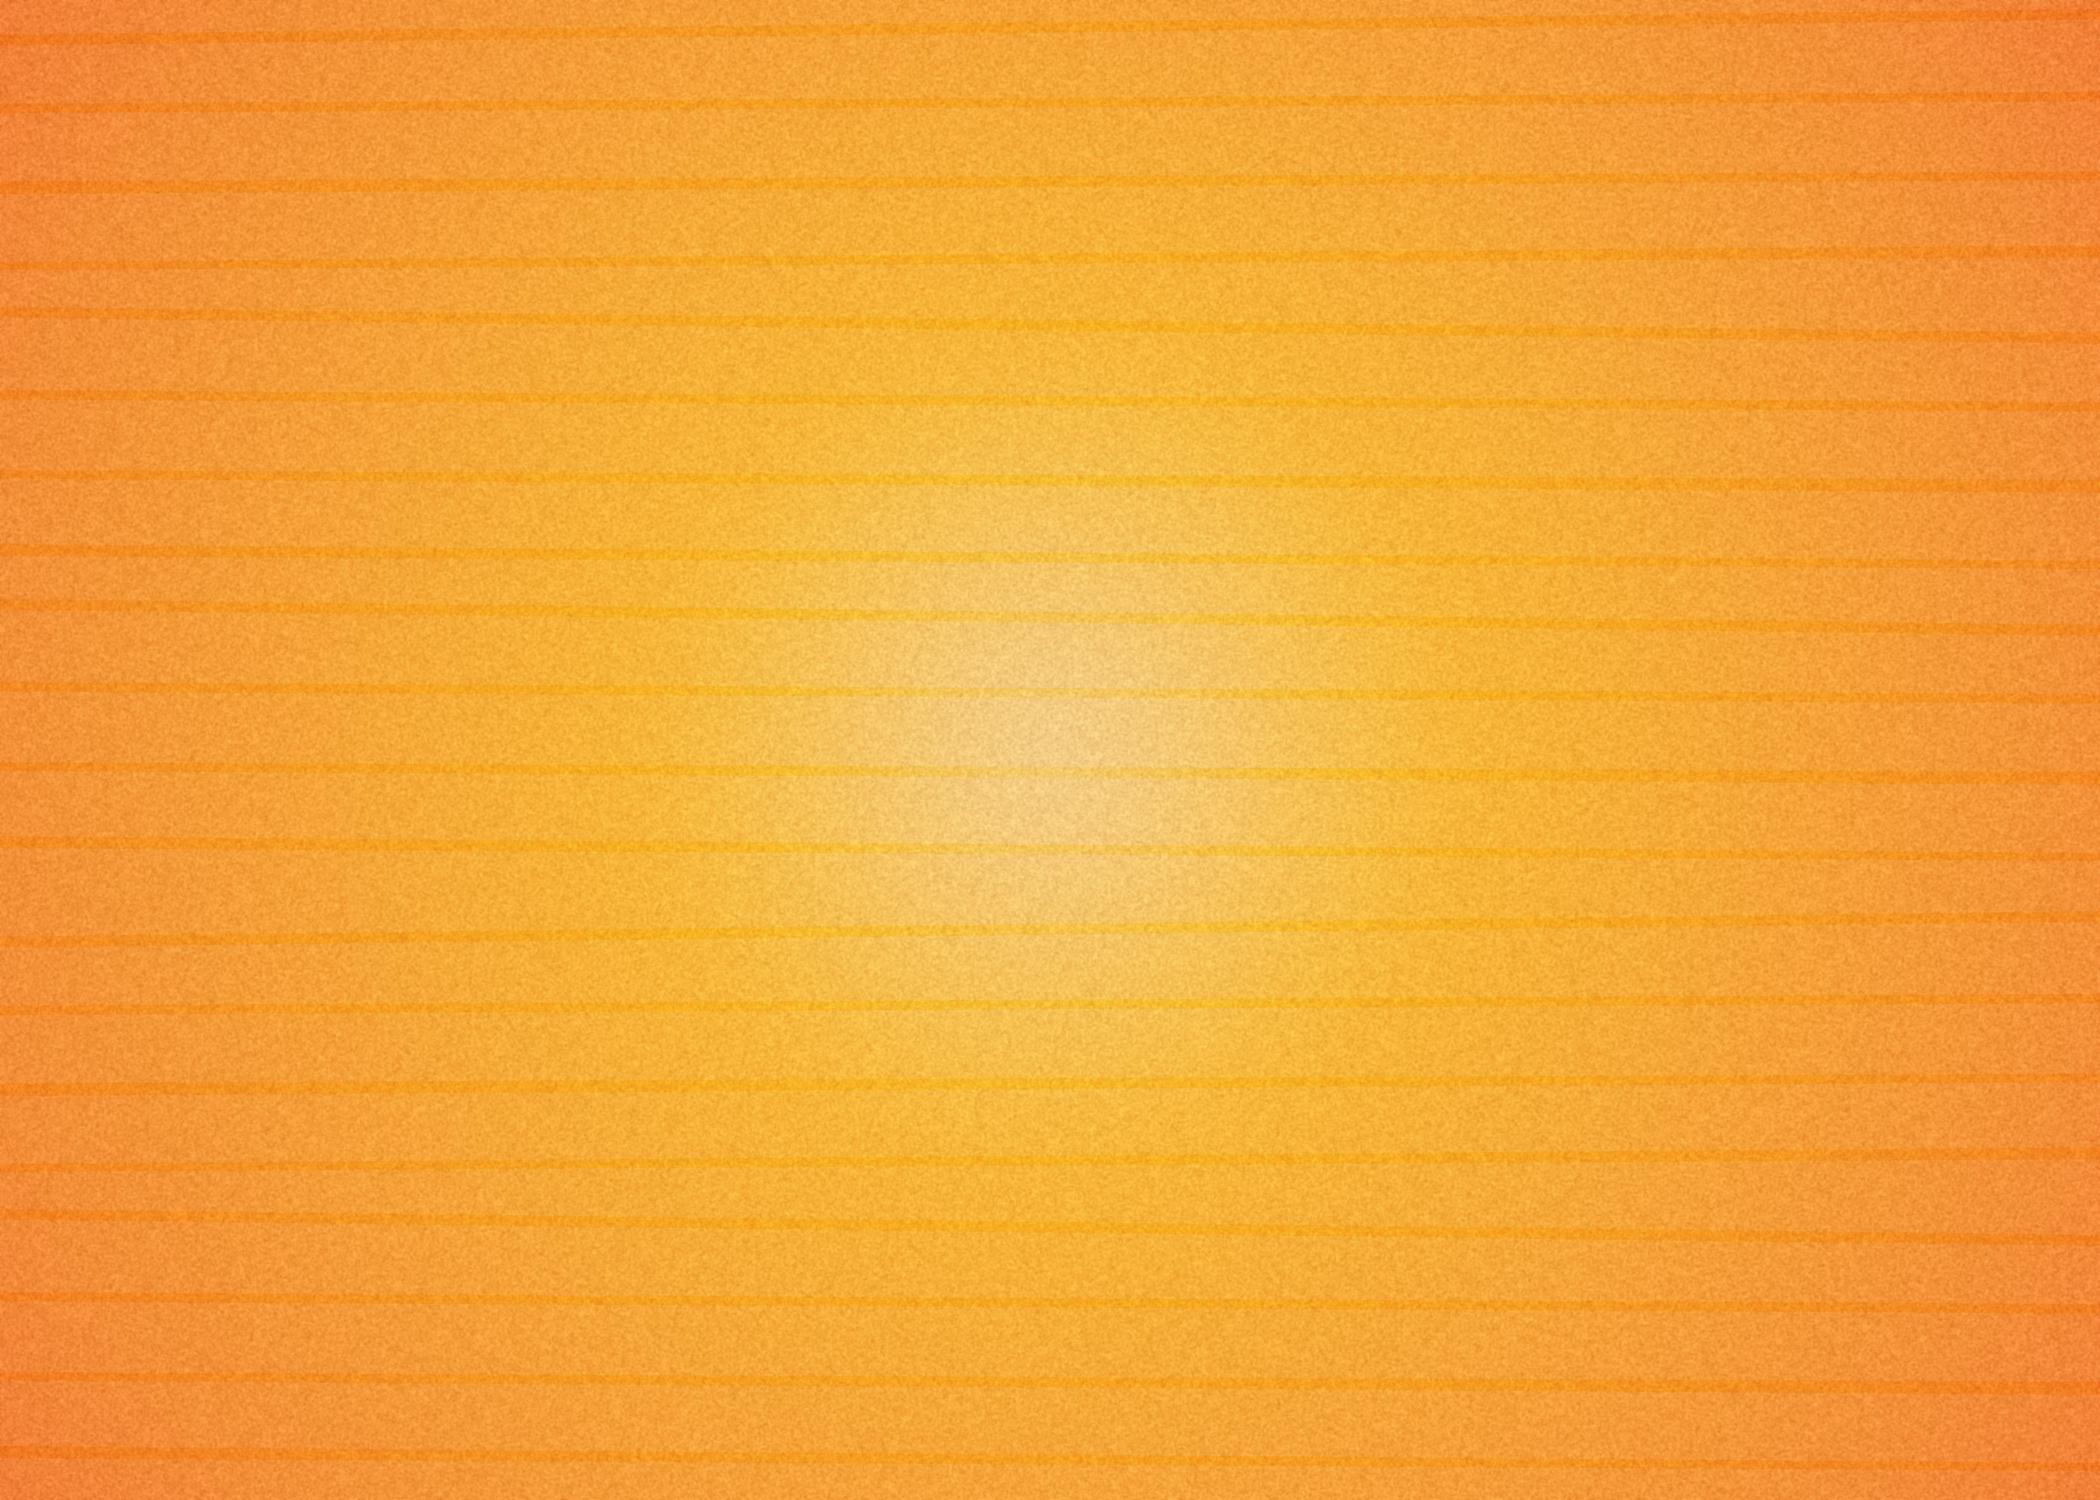 Johnny Mercer Music Background